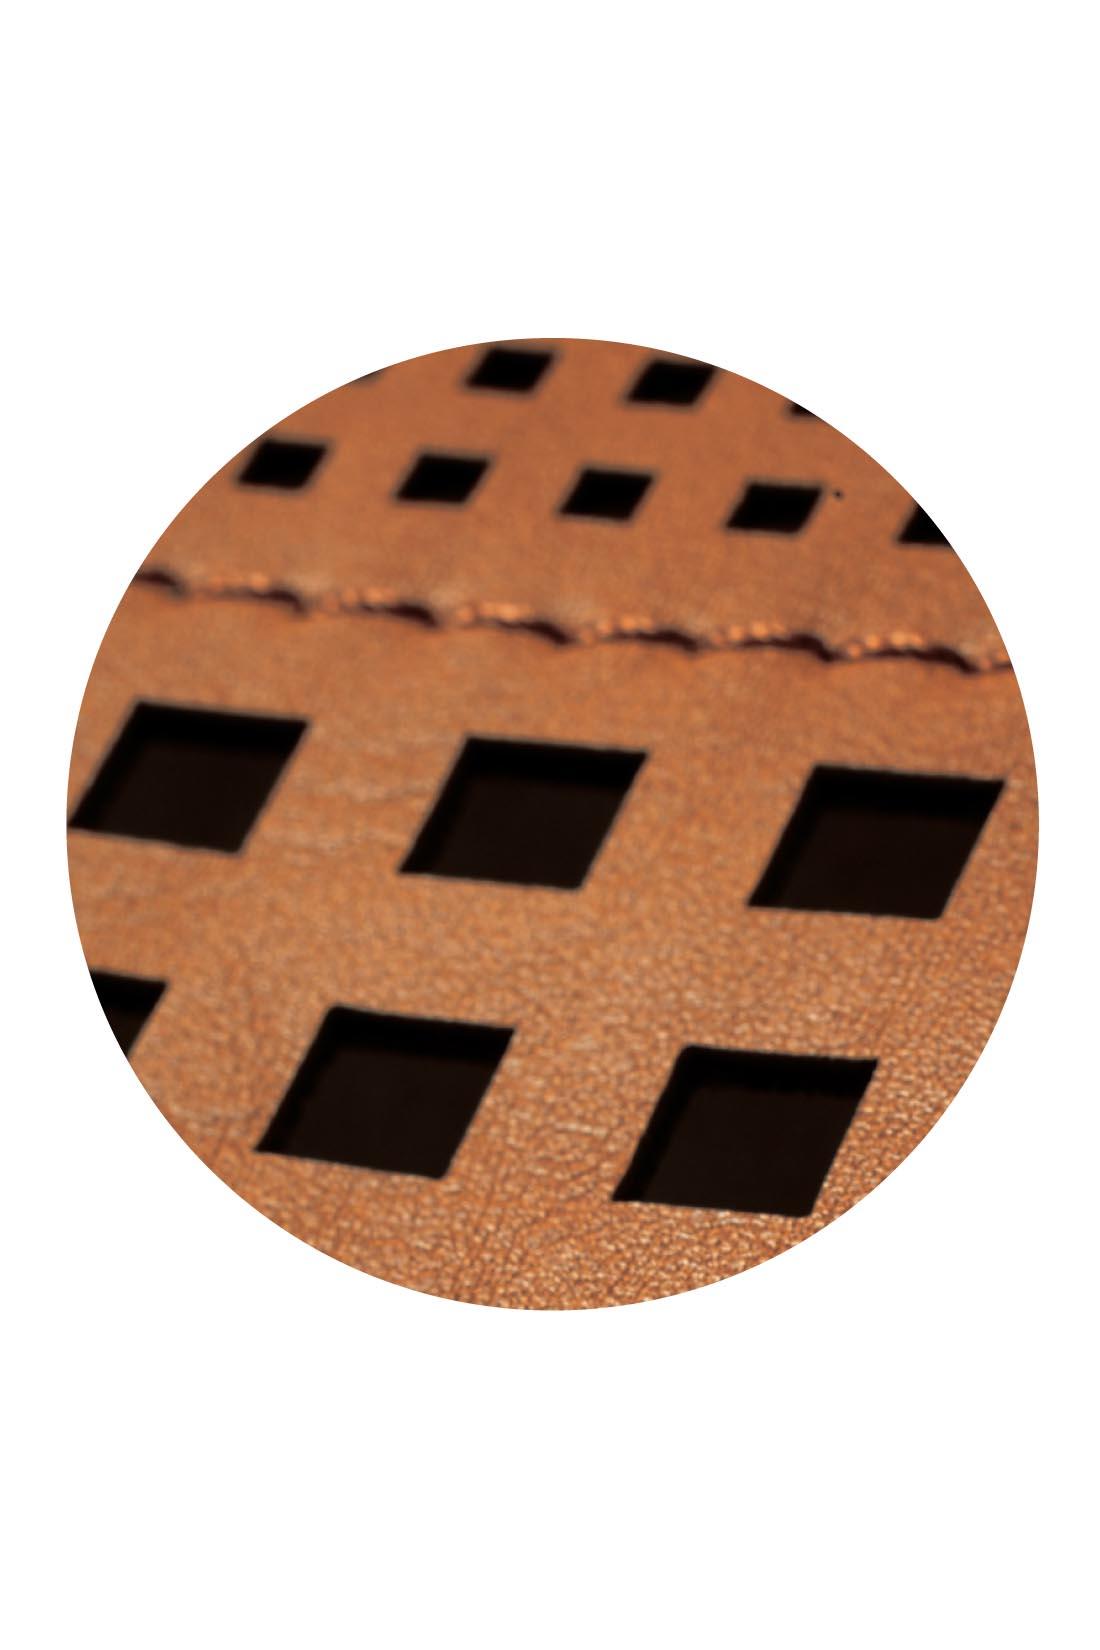 大容量なのにコーデを軽やか&華やかにまとめる秘密は、繊細なパンチングの透かし技にあり!